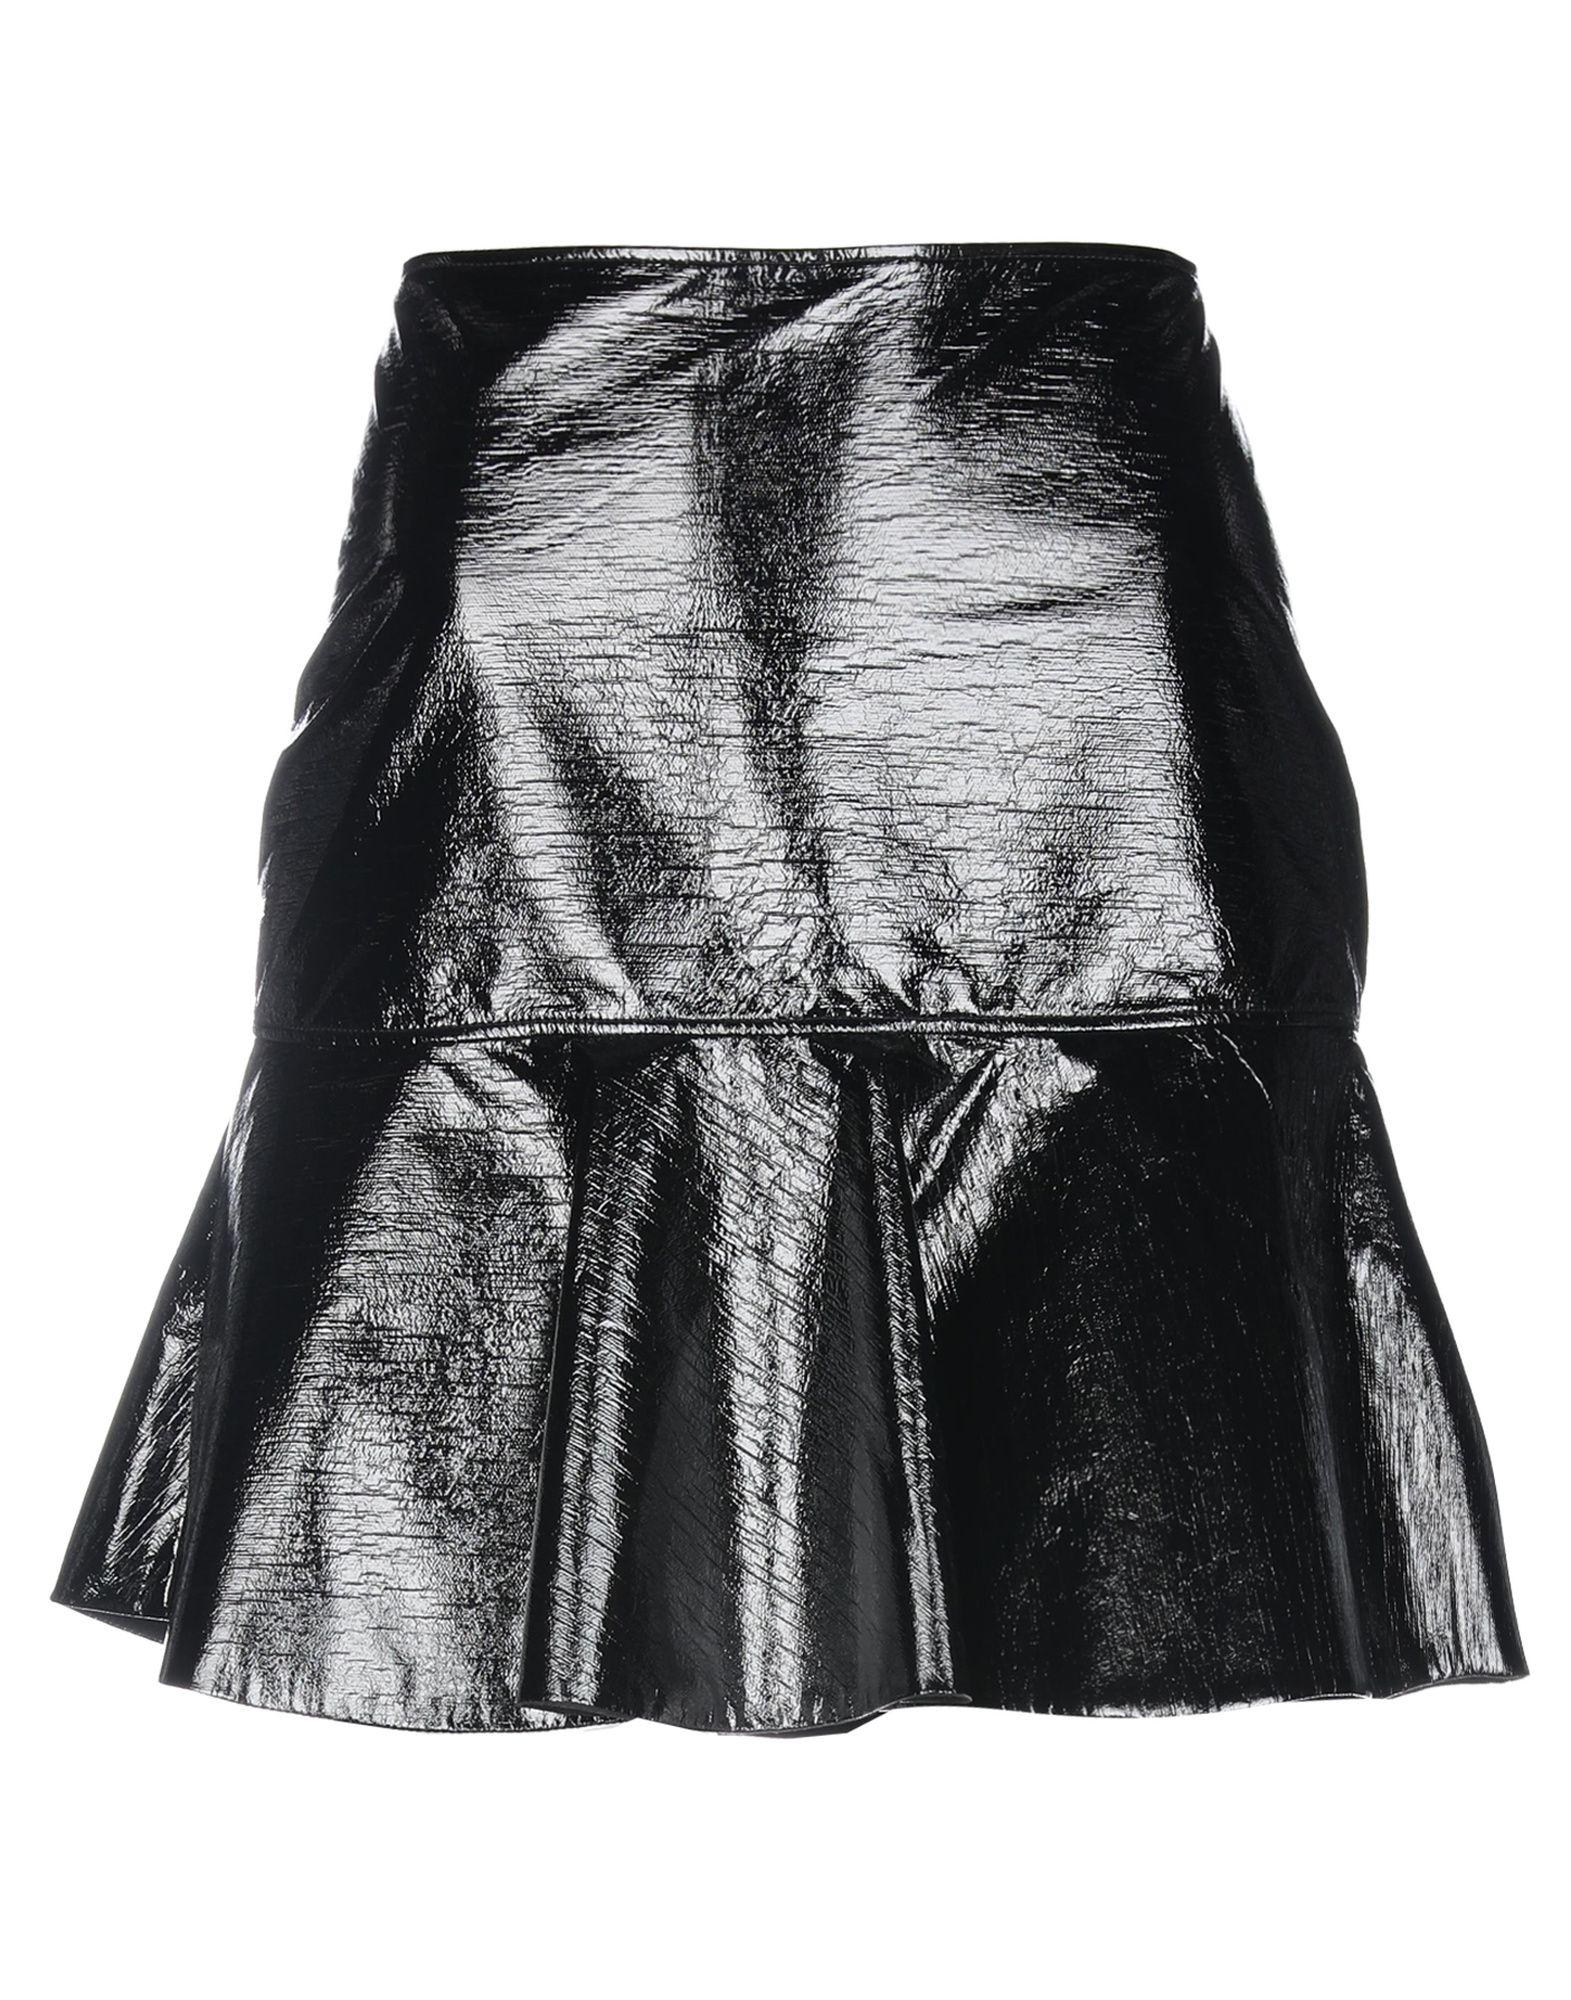 Фото - BLUGIRL BLUMARINE Мини-юбка blumarine мини юбка